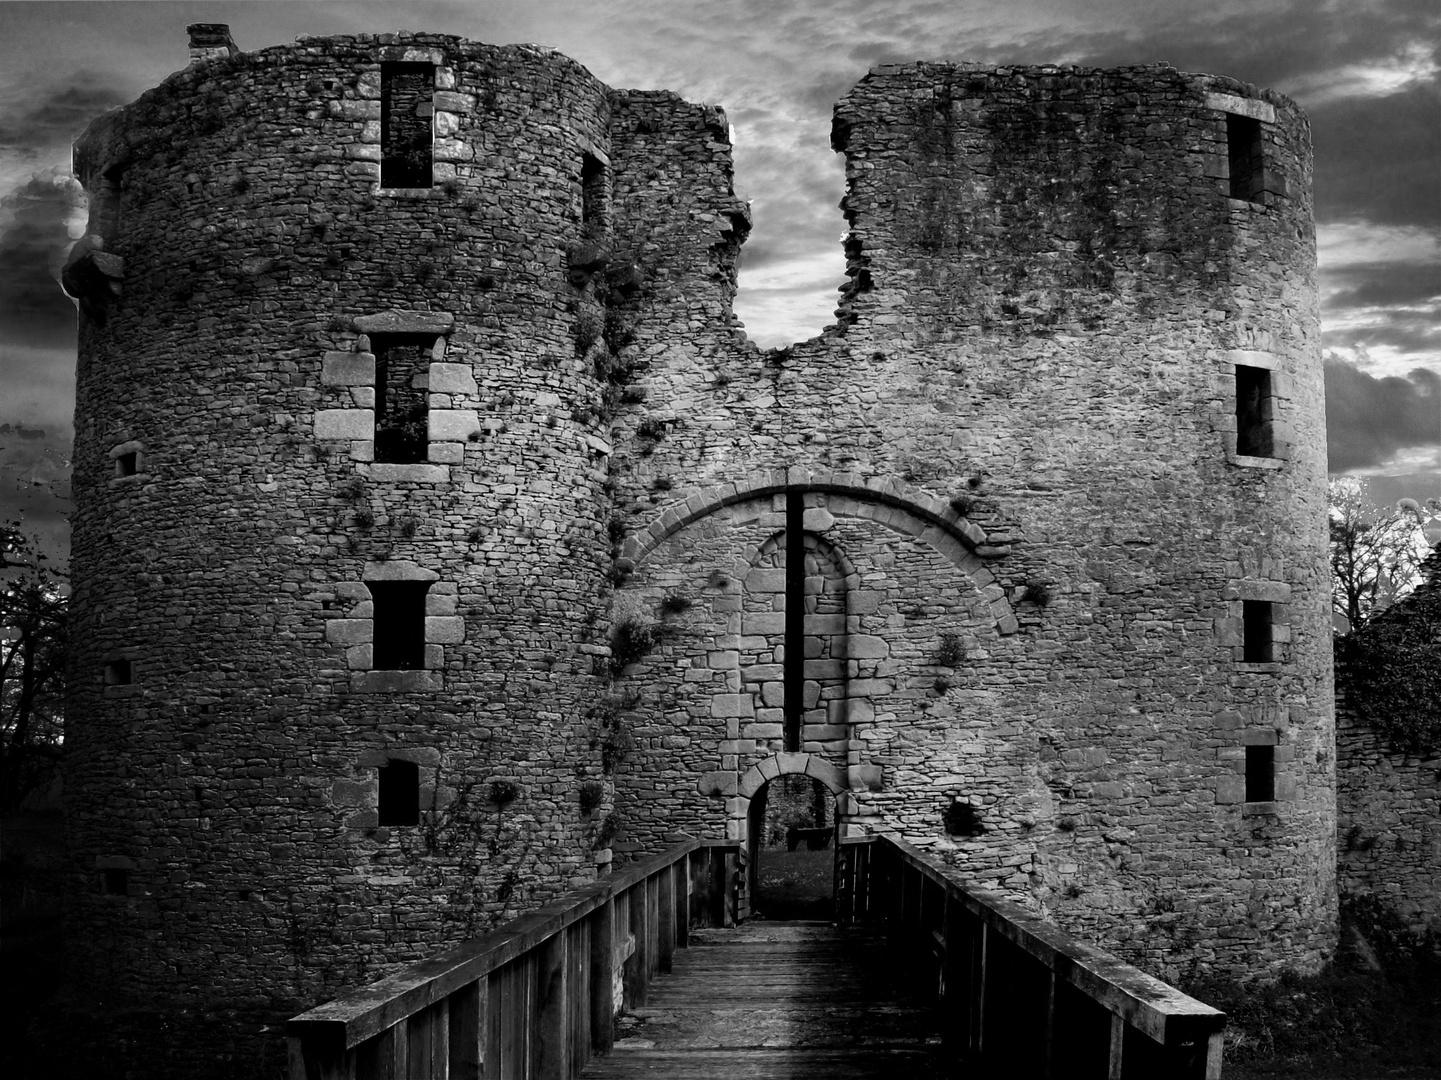 Entrez dans la forteresse...